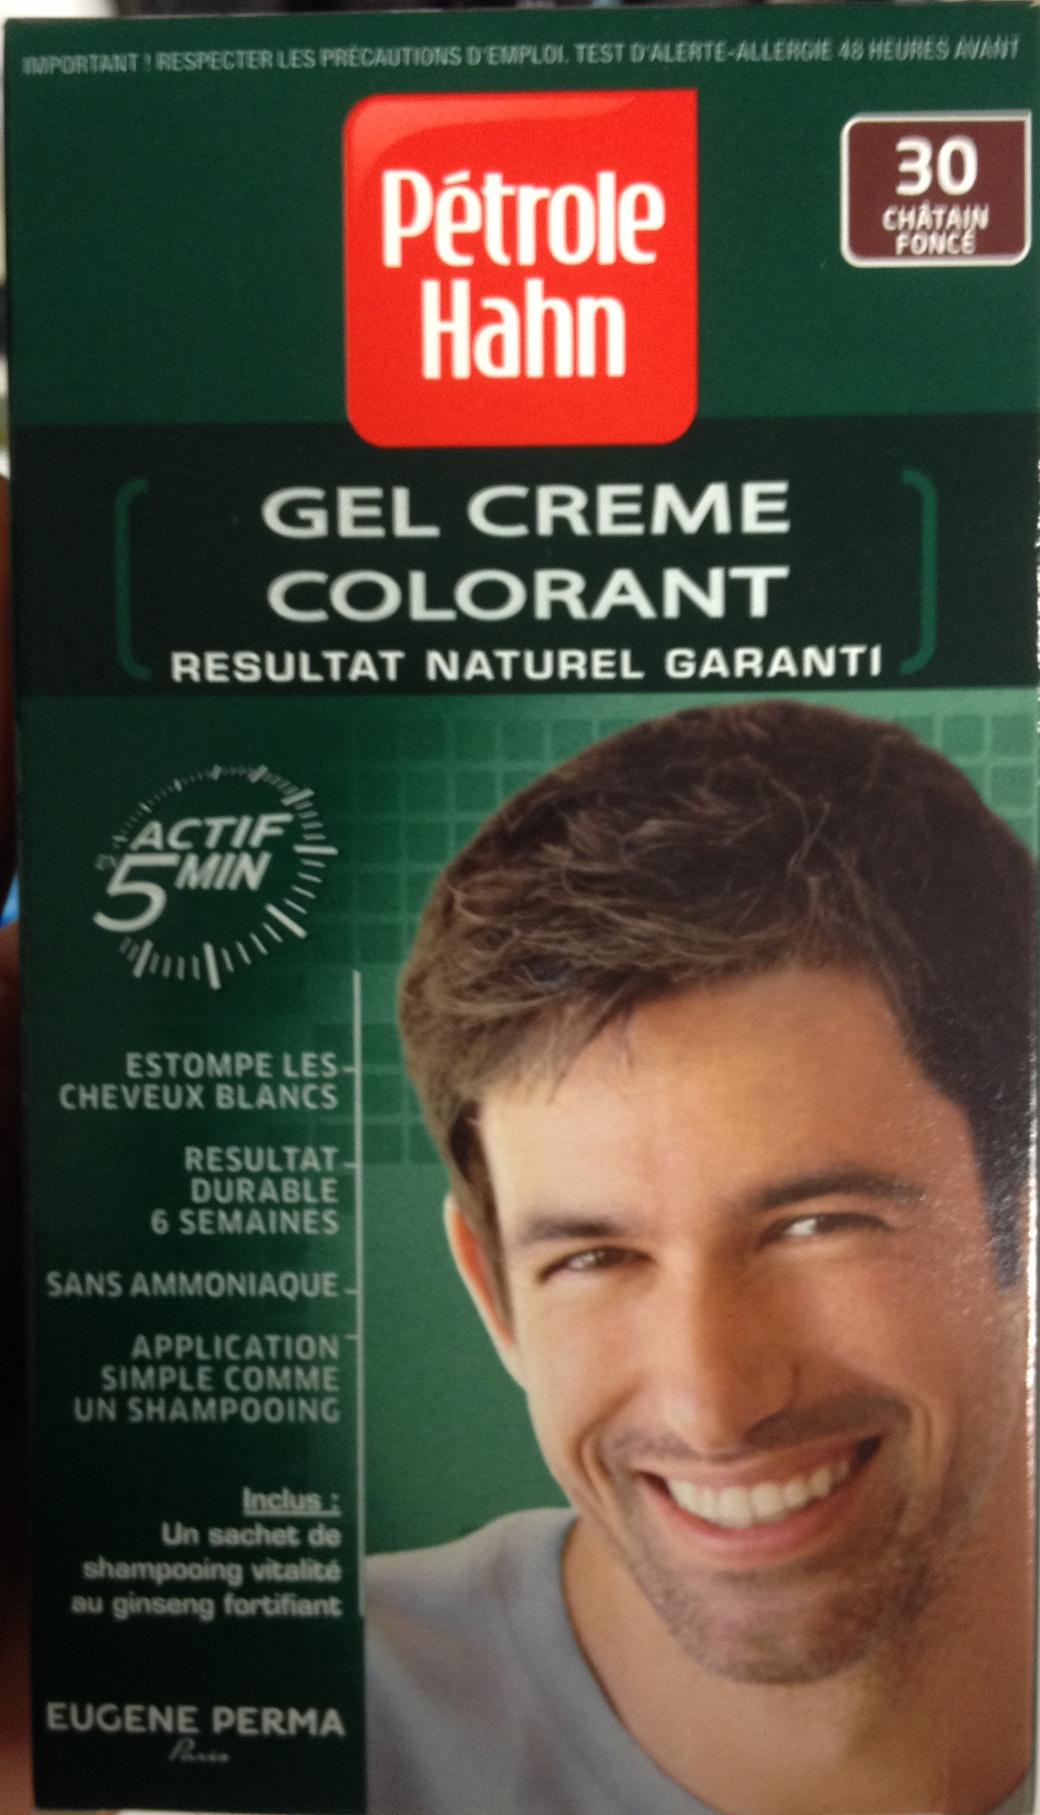 Gel crème colorant n°30 châtain foncé - Produit